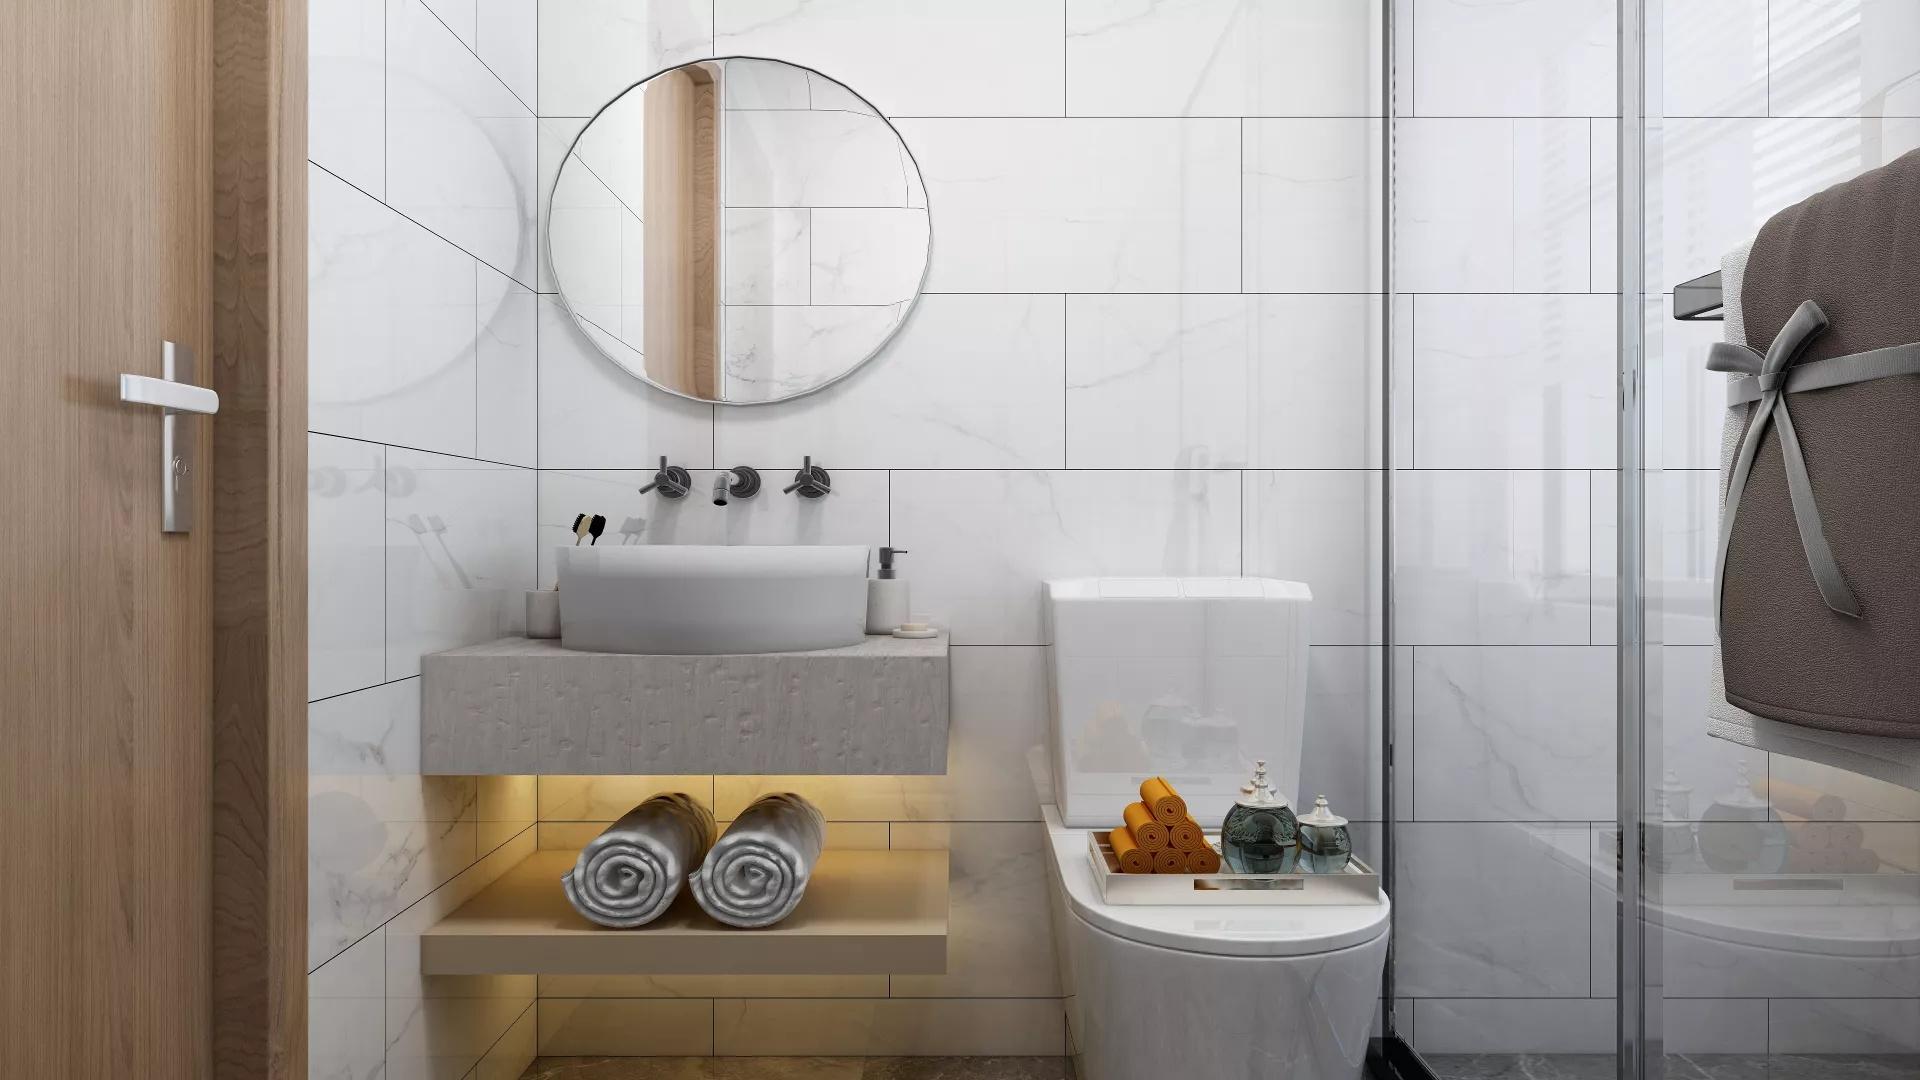 瓷砖橱柜的尺寸解析以及优缺点介绍